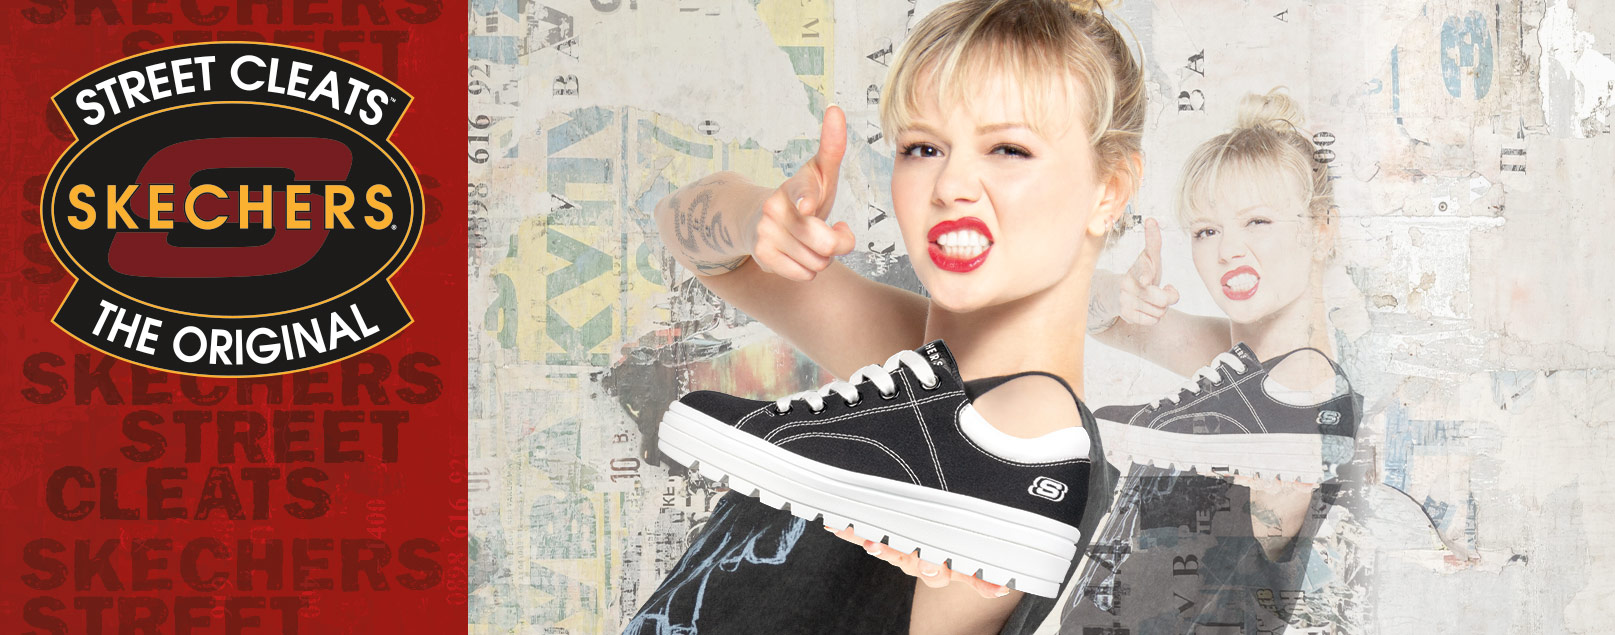 Find Women's Street shoes on skechers.com